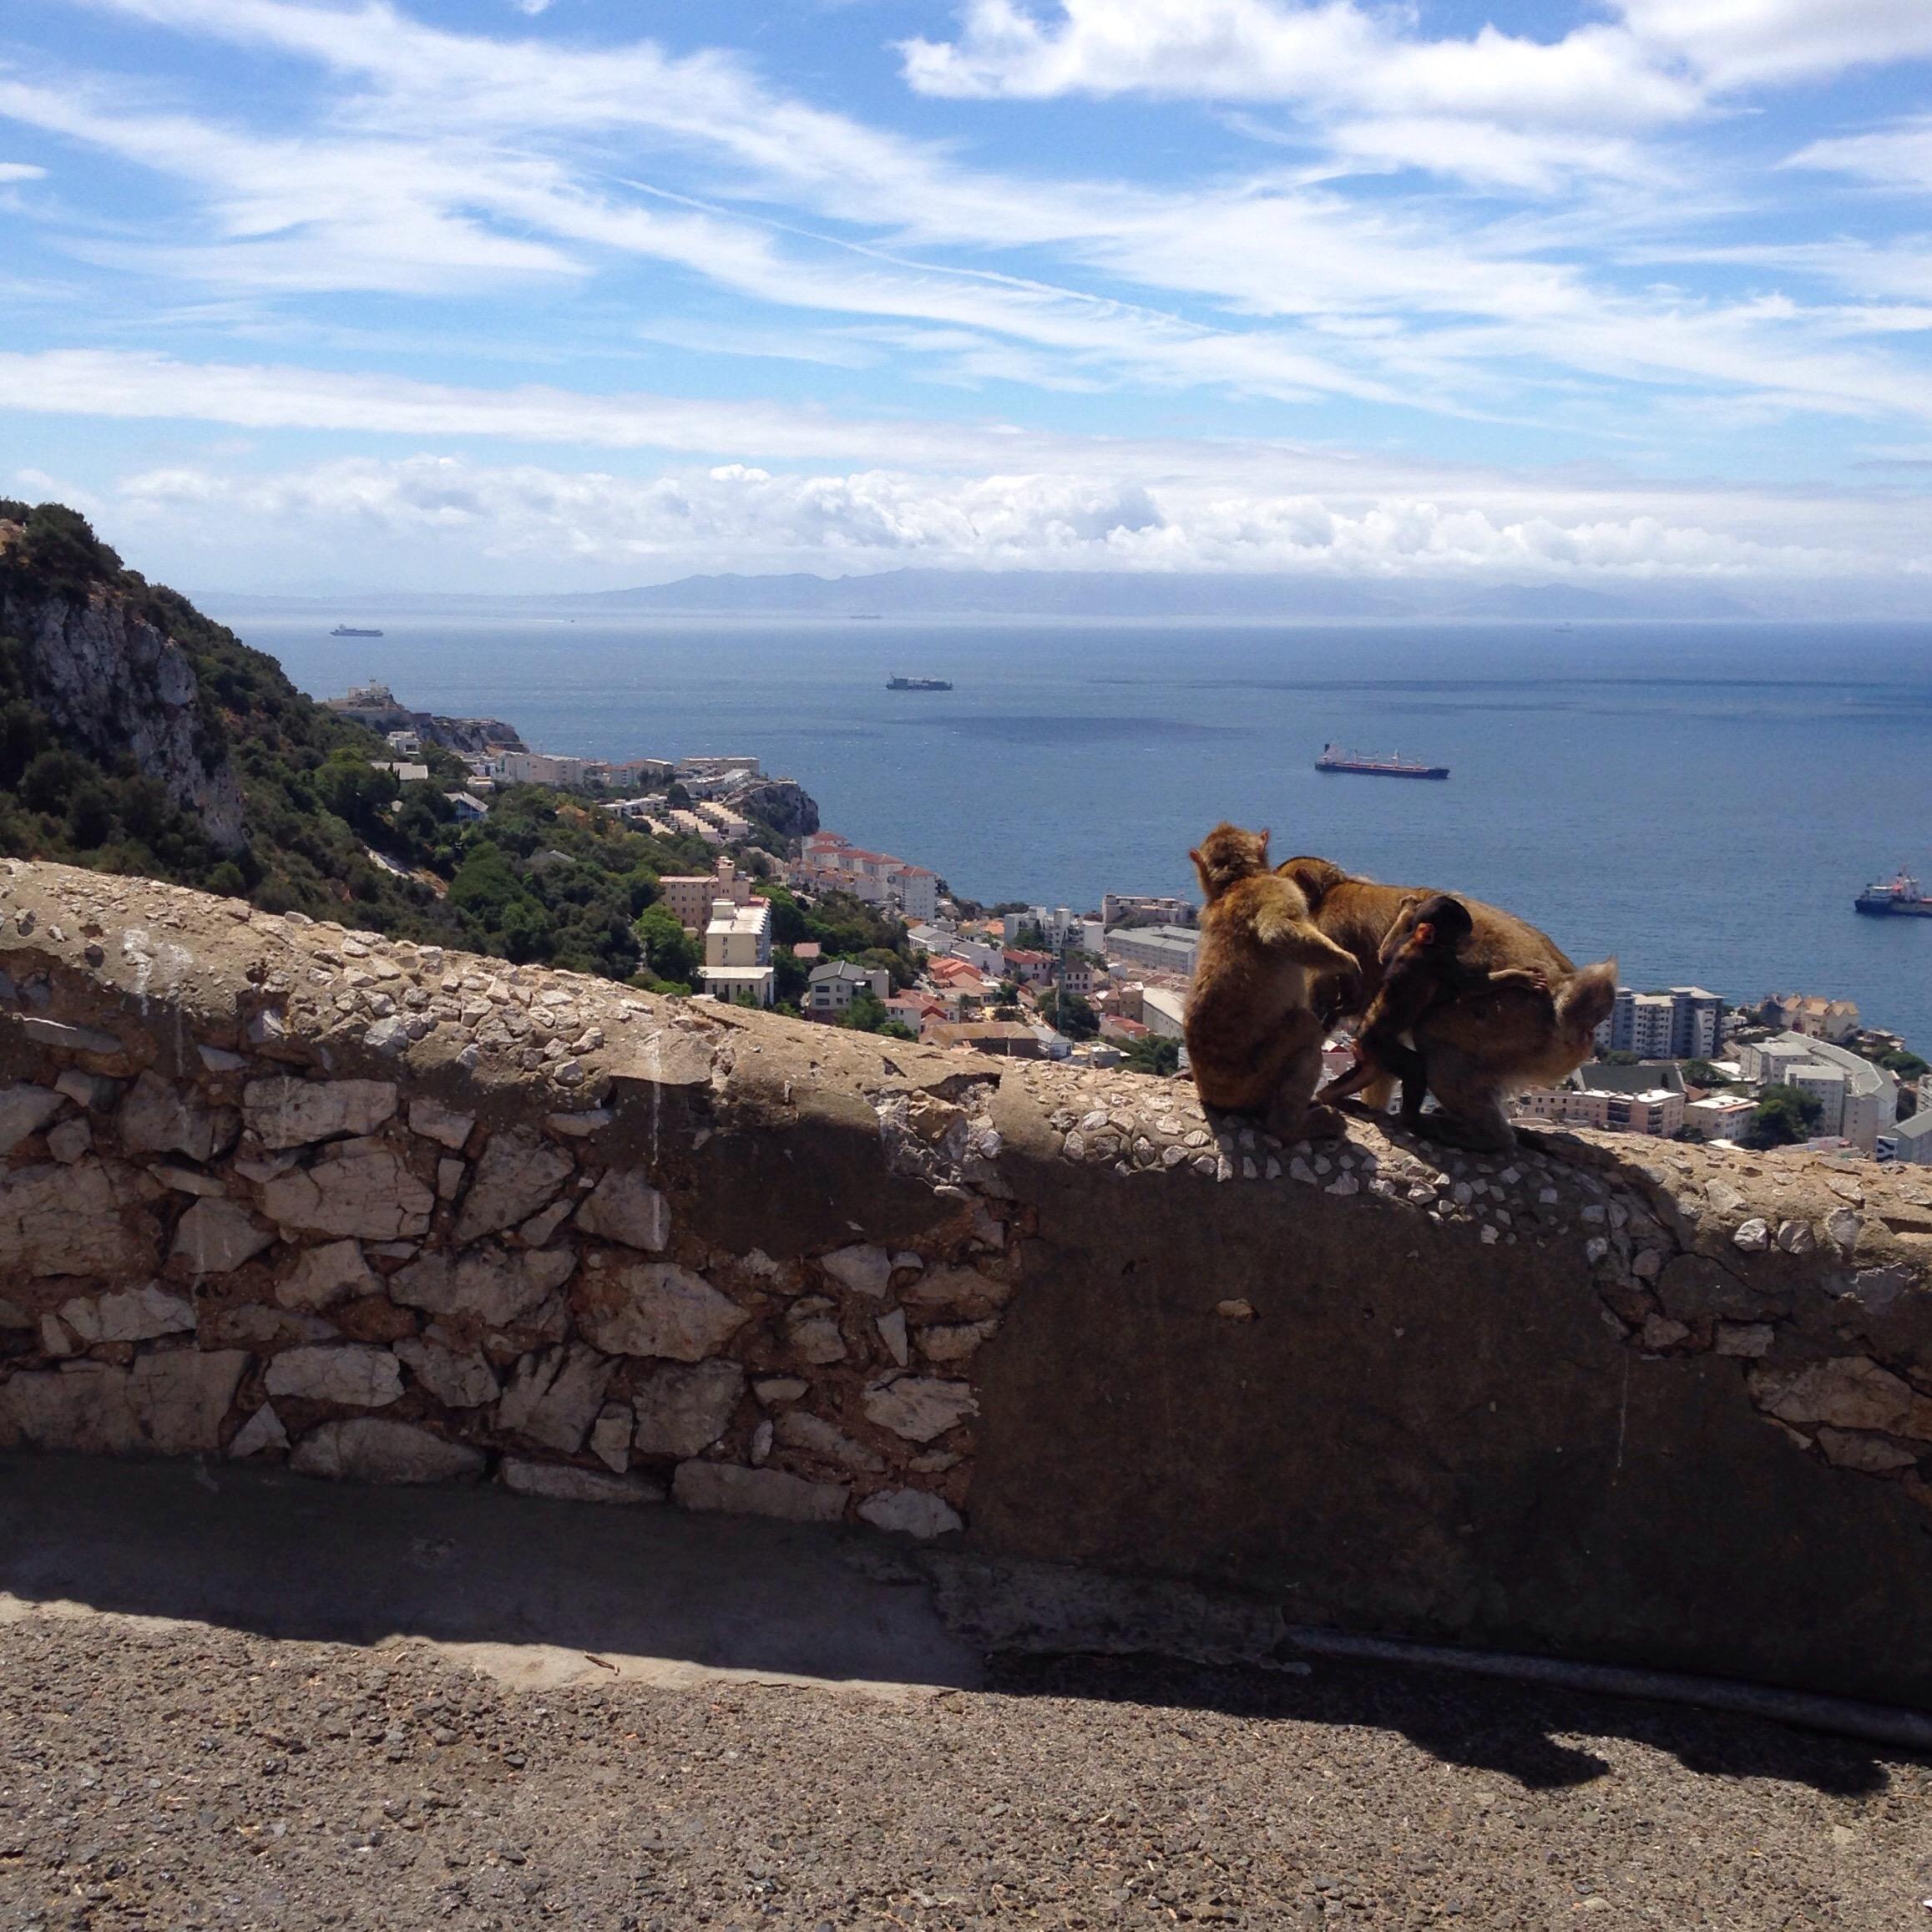 Gibraltar Africa Affen Monkey www.diewunderbarewelt.com